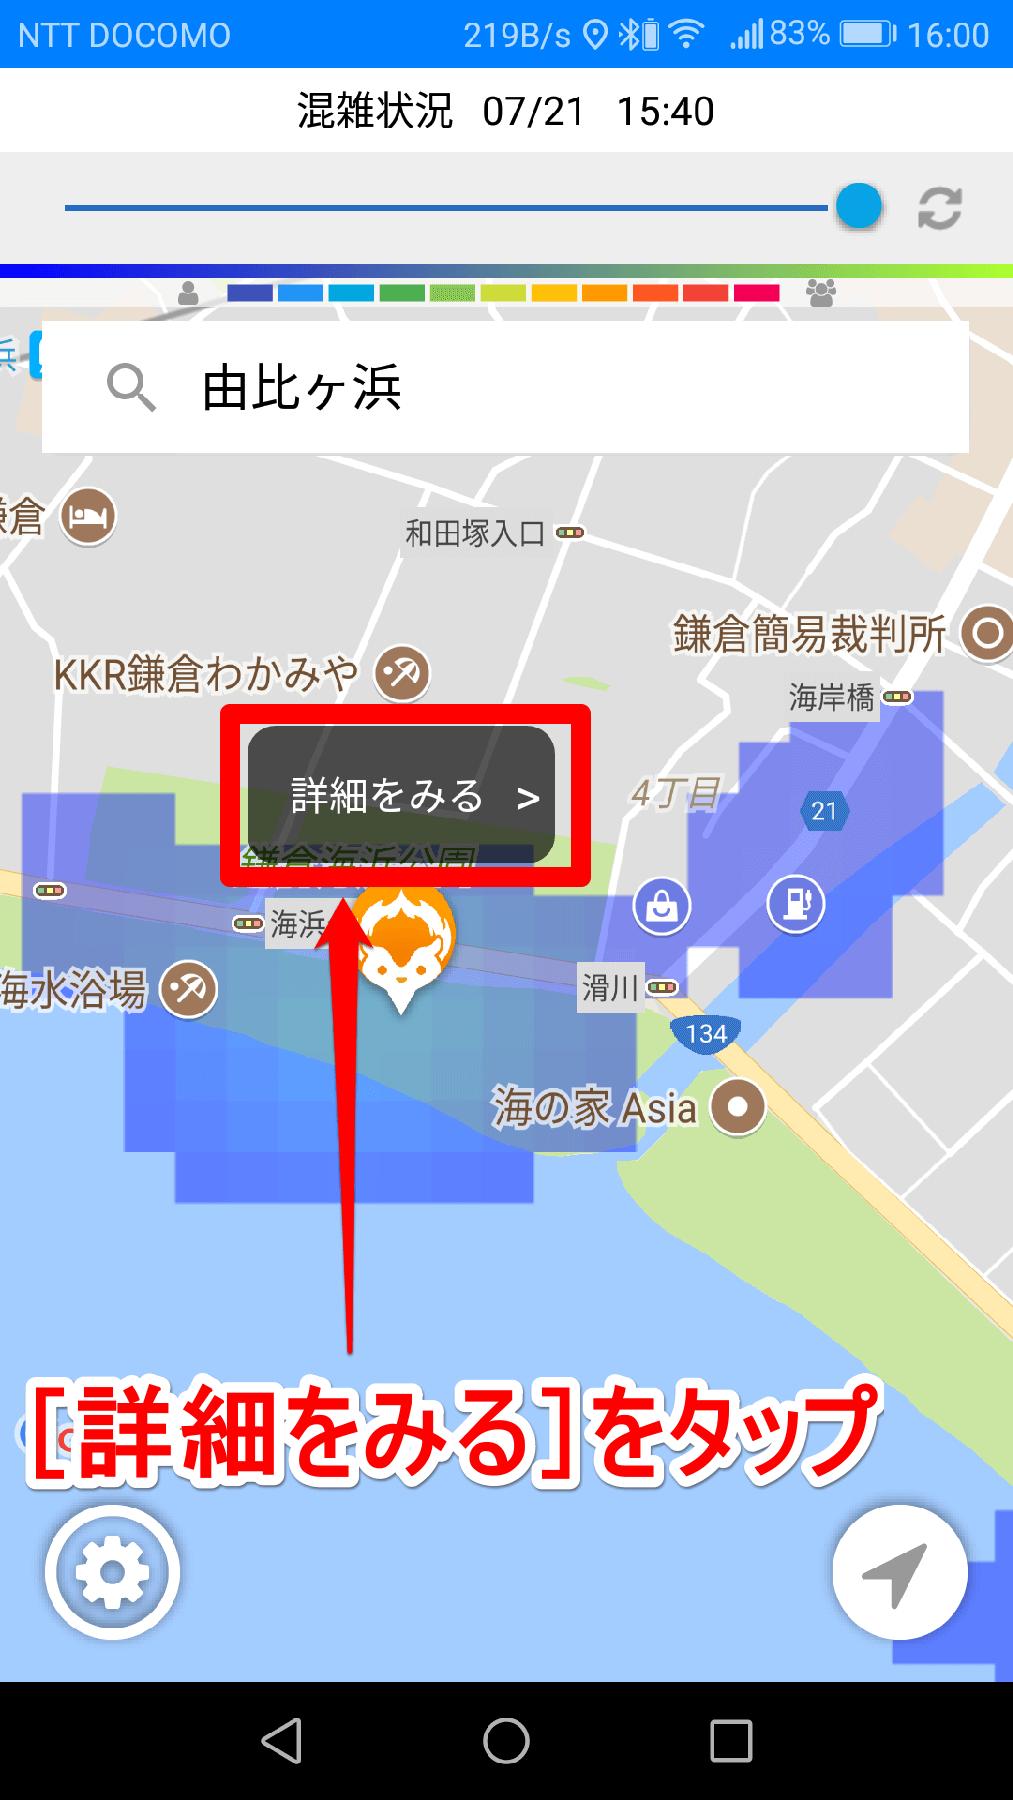 [混雑マップ]アプリの地図をタップした状態の画面